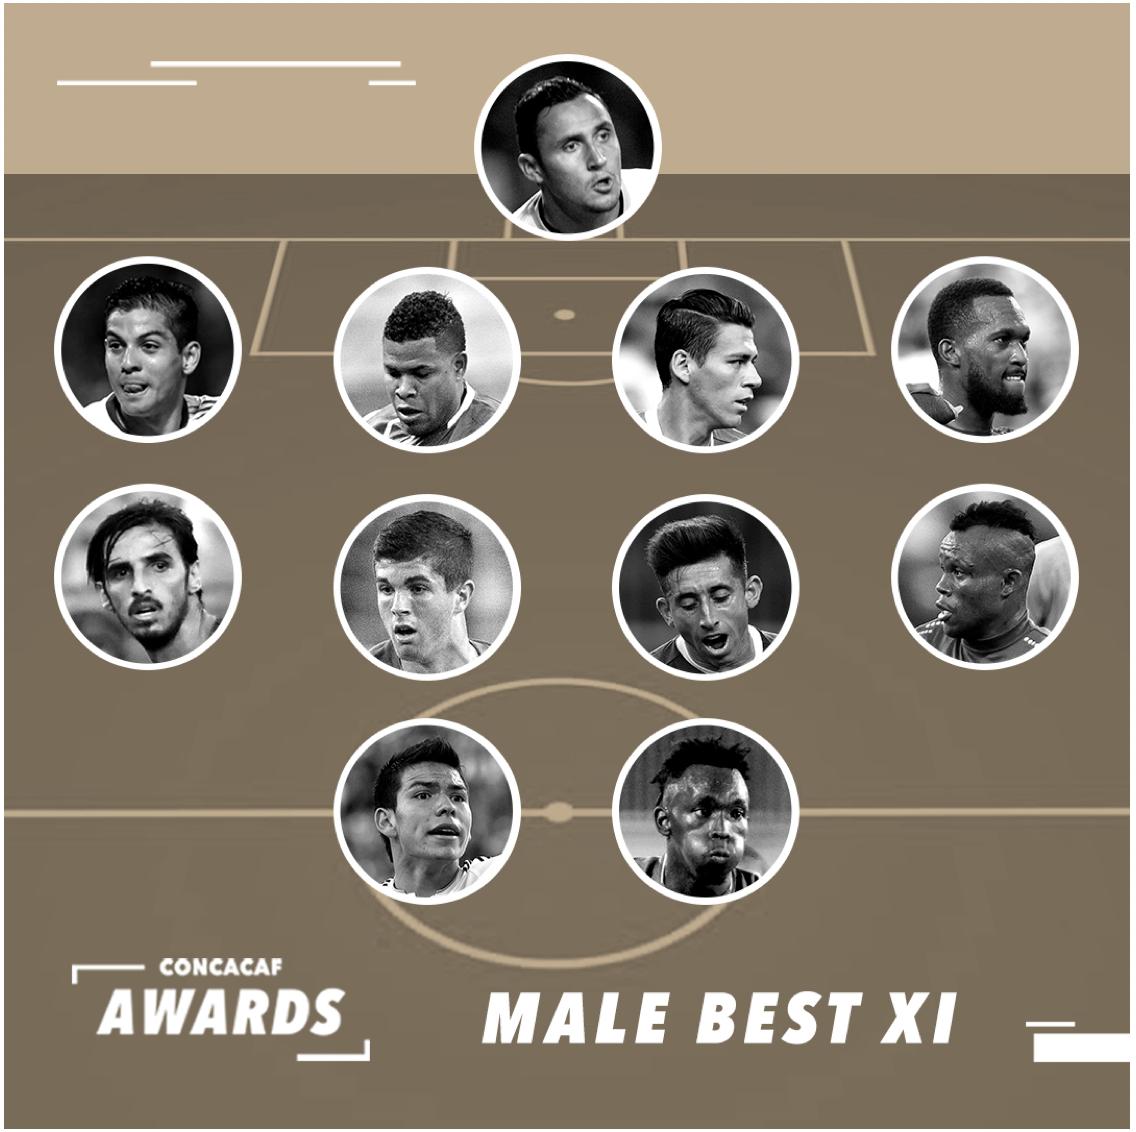 Premios Concacaf 2017